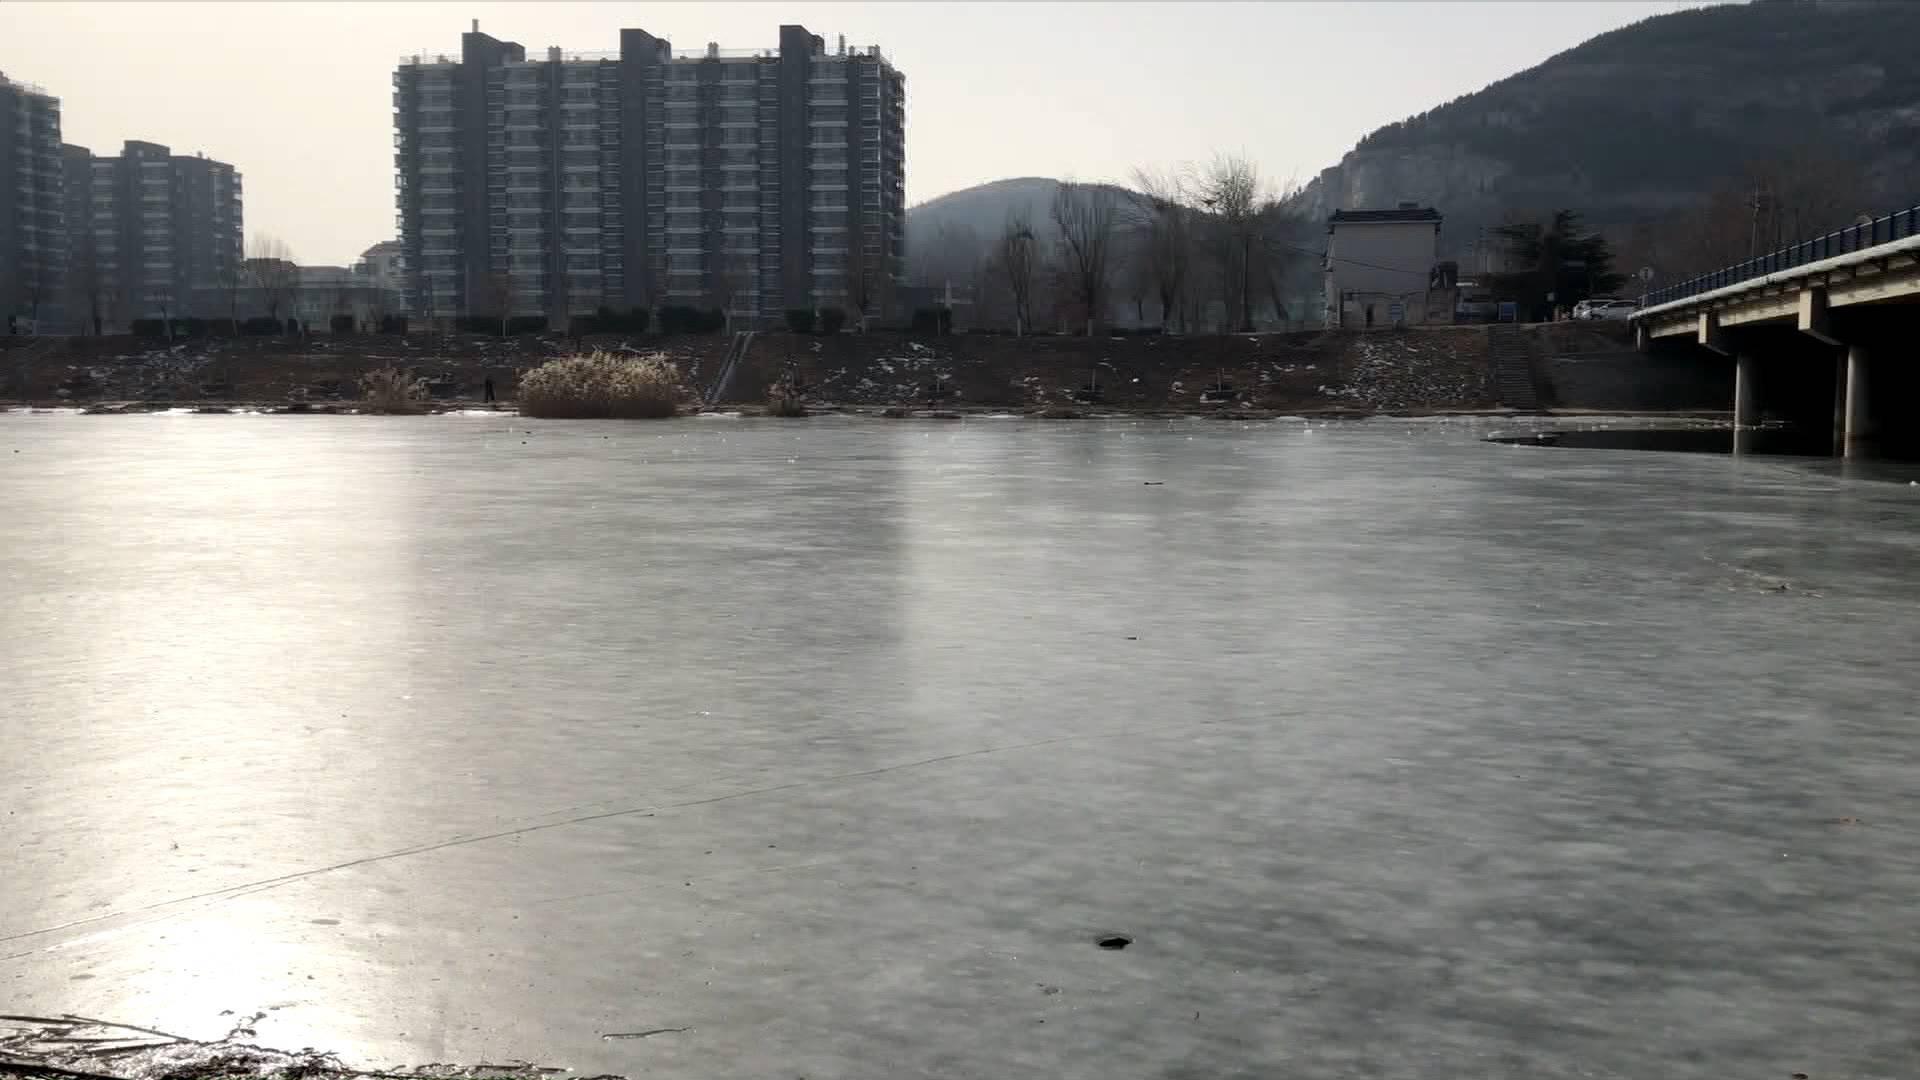 太危险!济南腊山河冰面逐渐融化 切勿溜冰玩耍